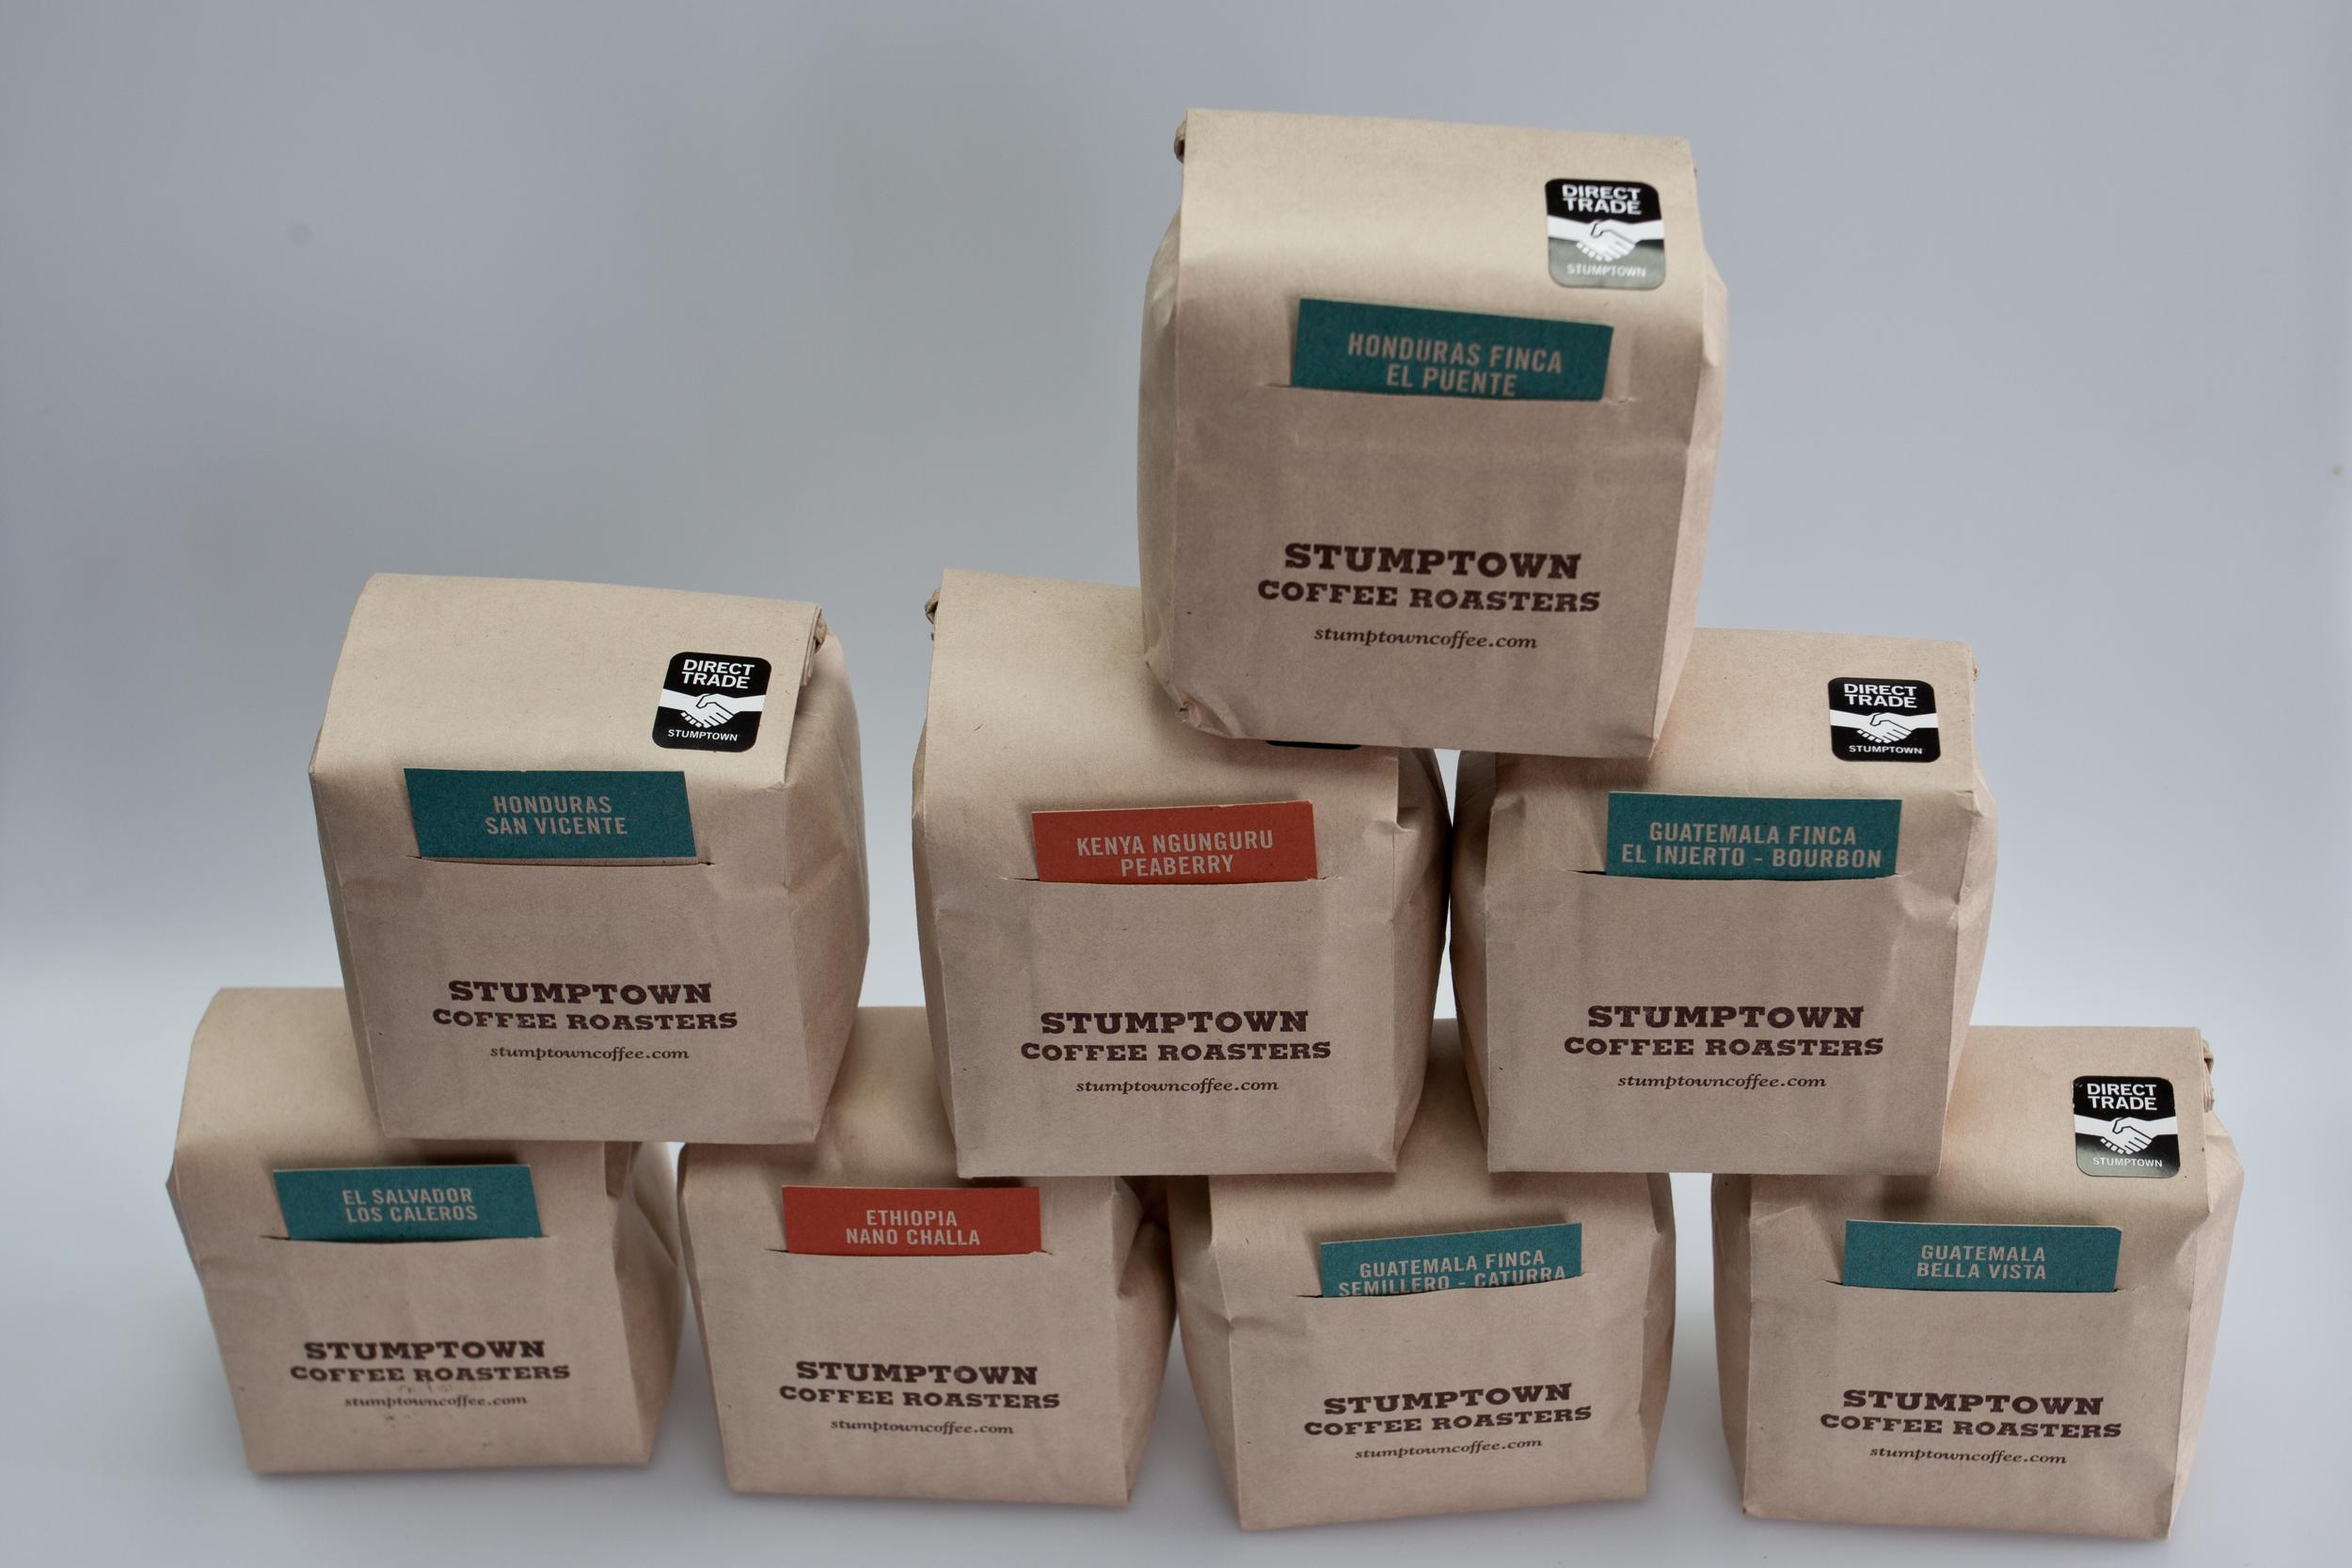 Stumptown-Office-Coffee-1-of-1.jpg